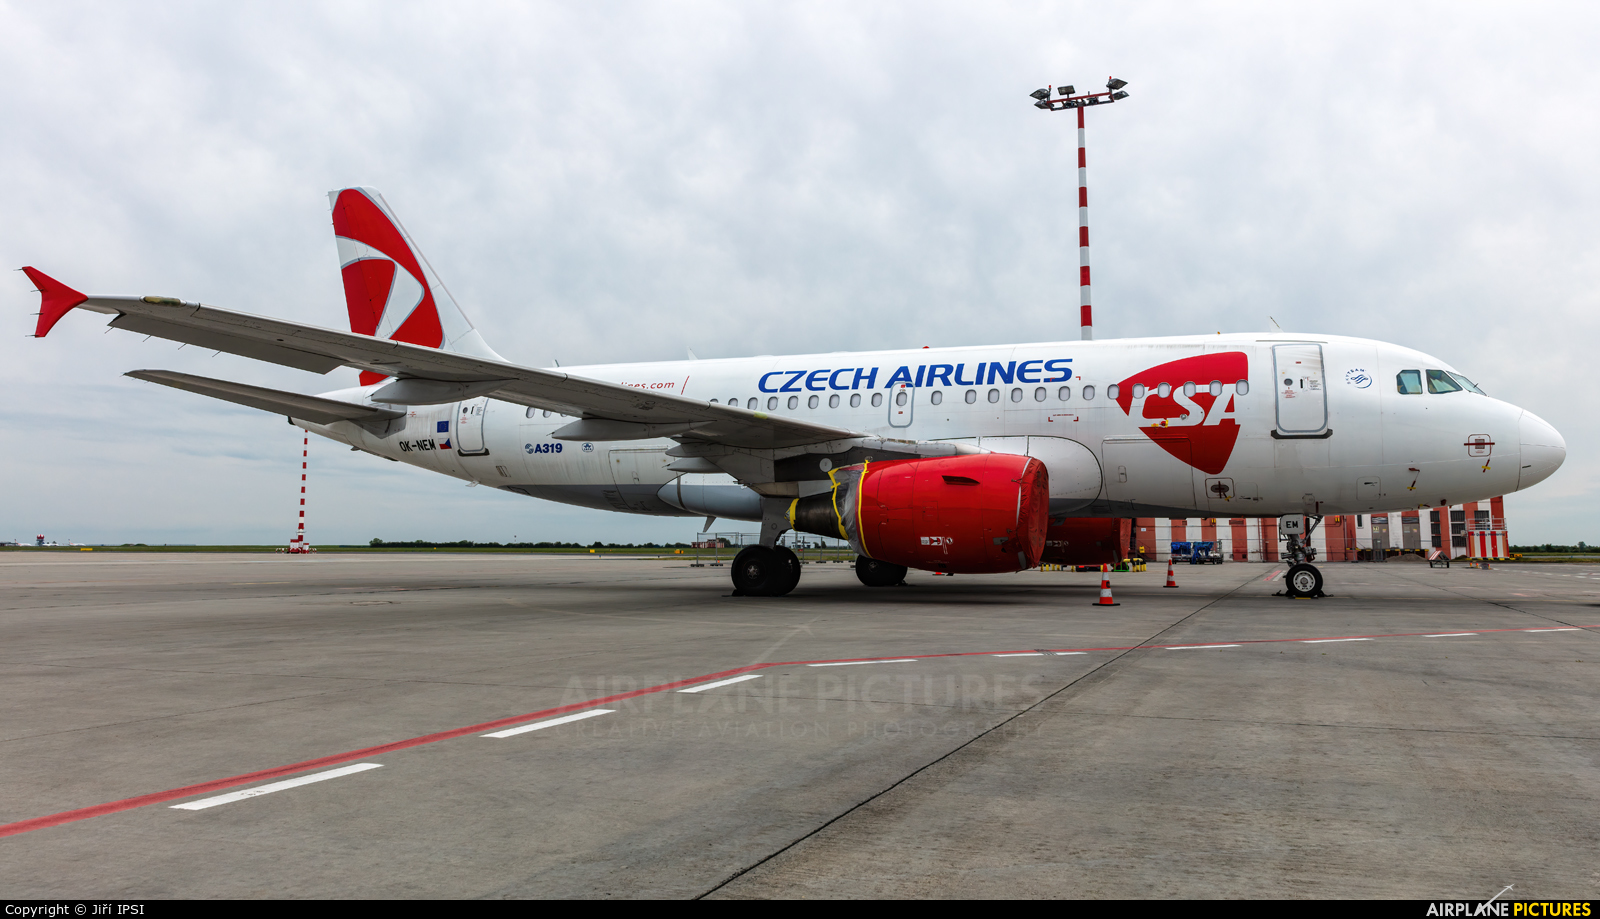 CSA - Czech Airlines OK-NEM aircraft at Prague - Václav Havel